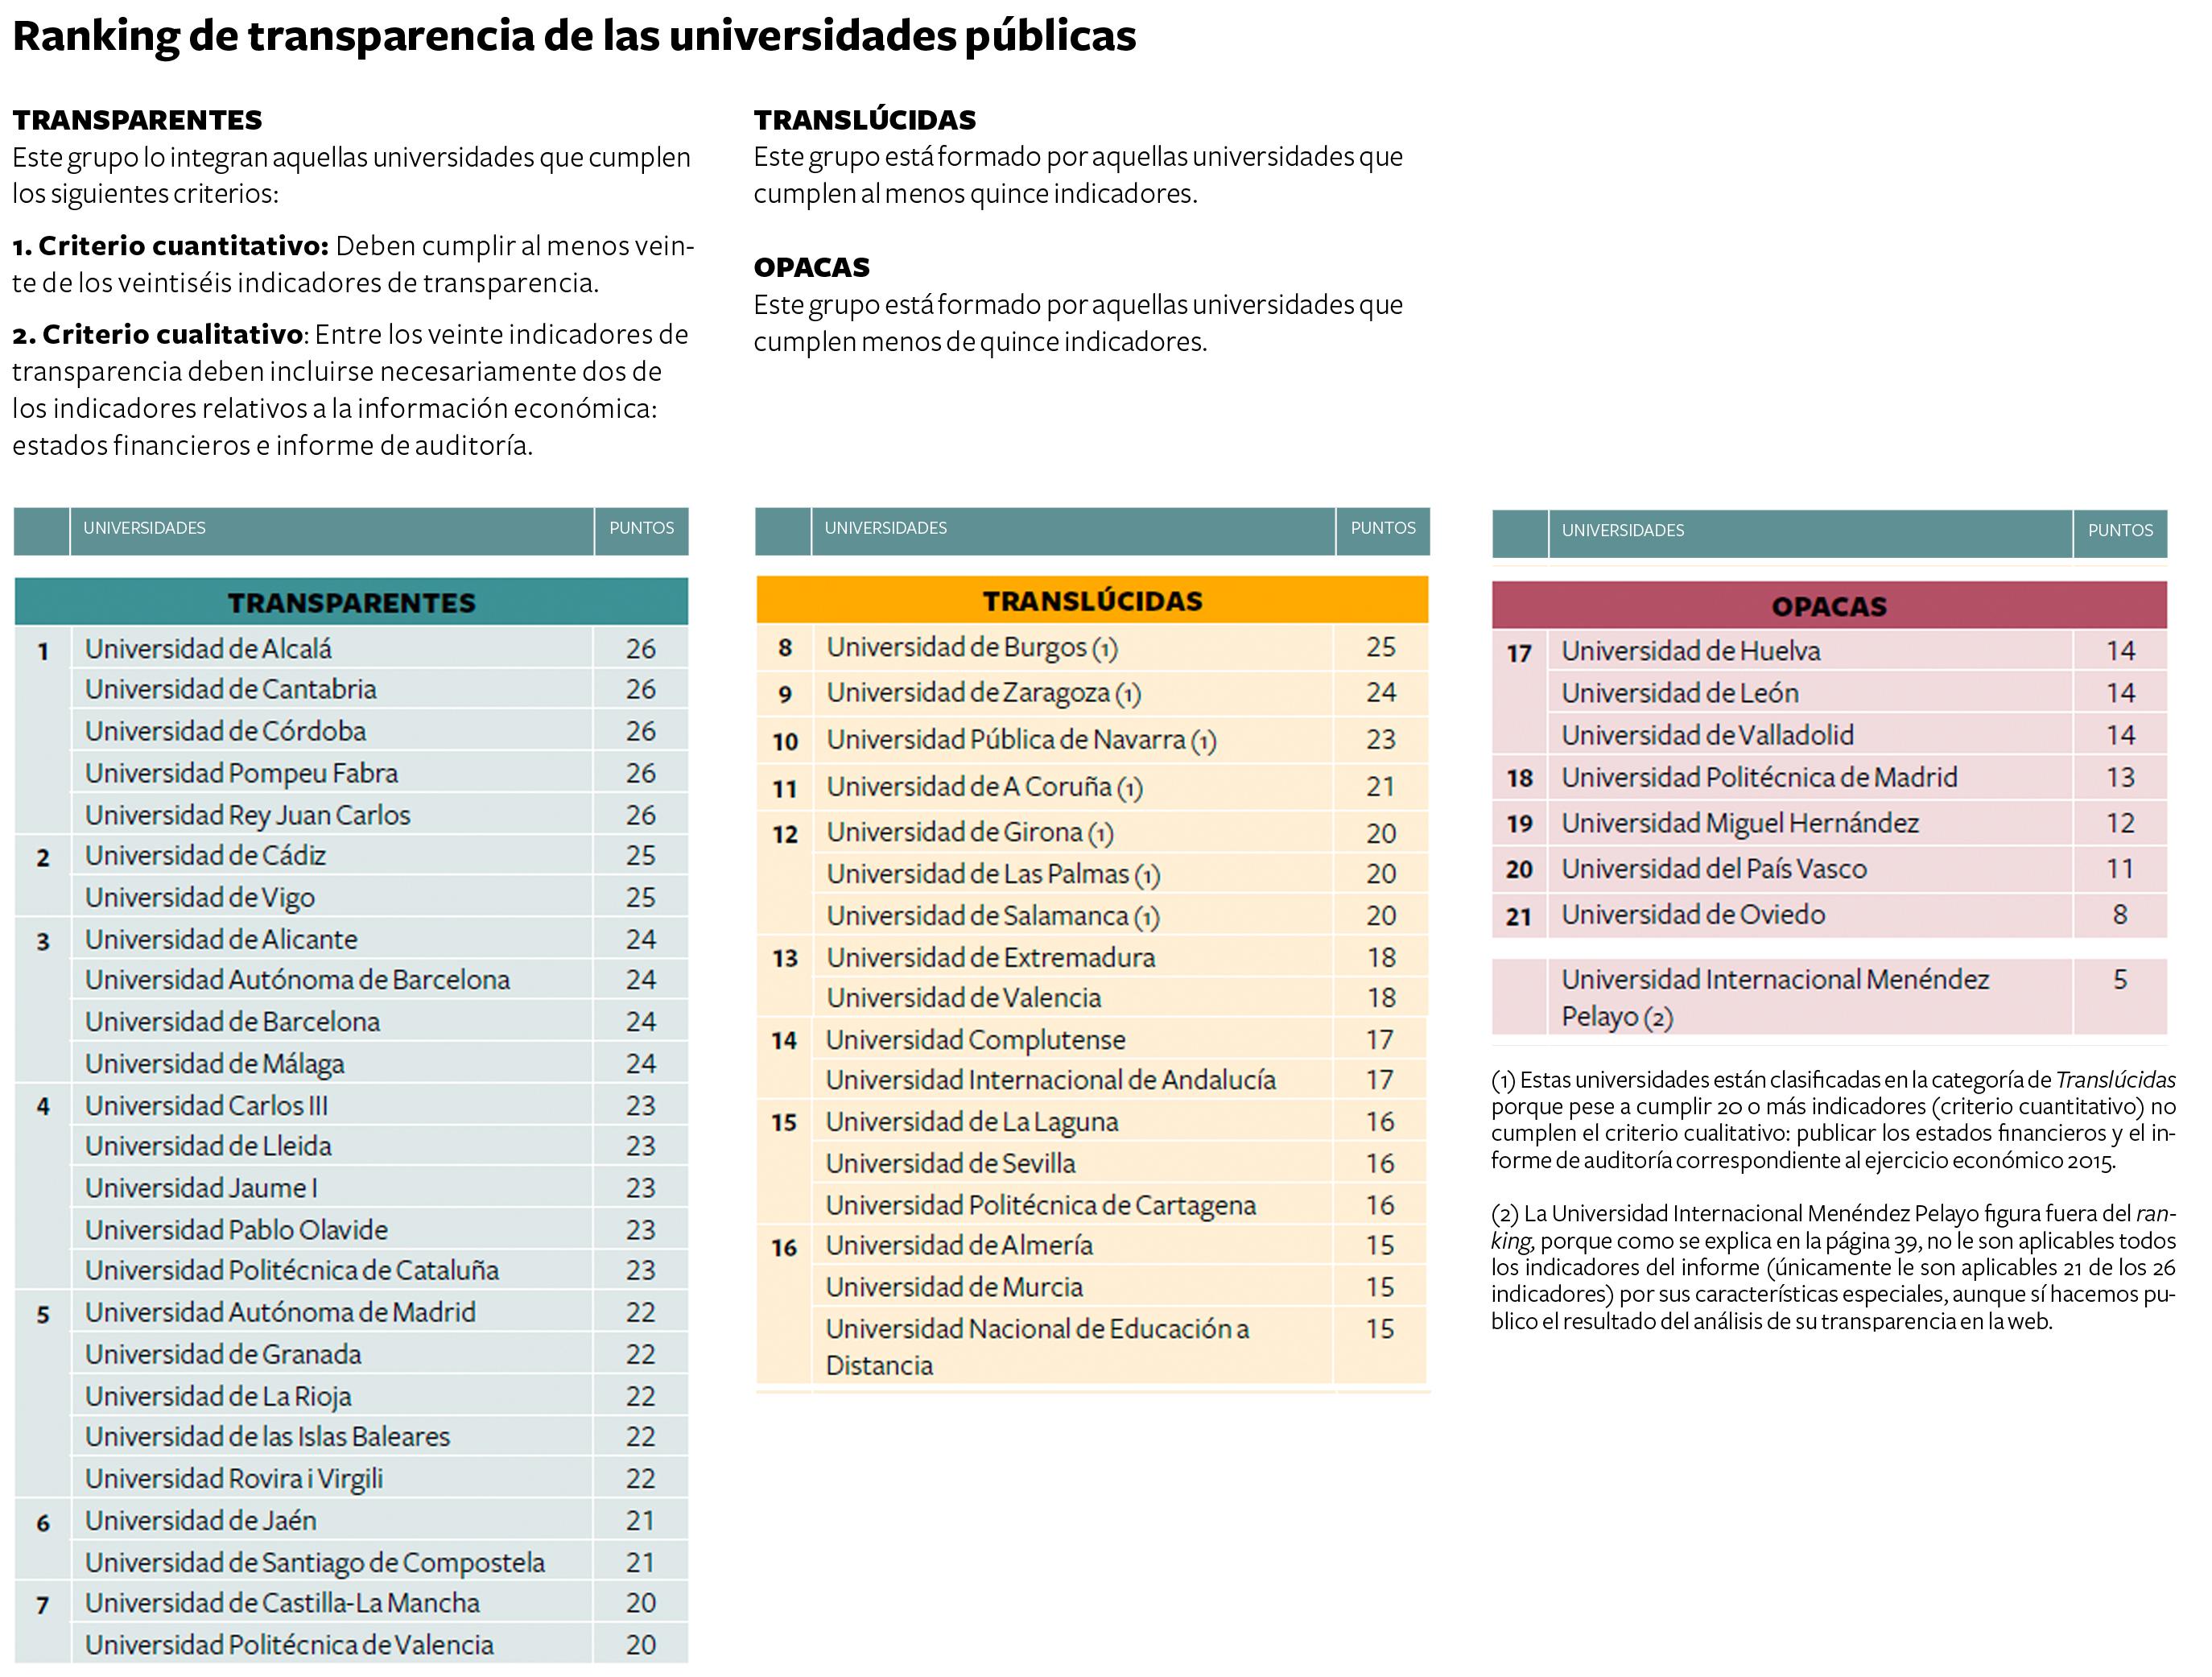 <p>Fuente: 'Examen de transparencia 2015', Fundación Compromiso y Transparencia.</p>